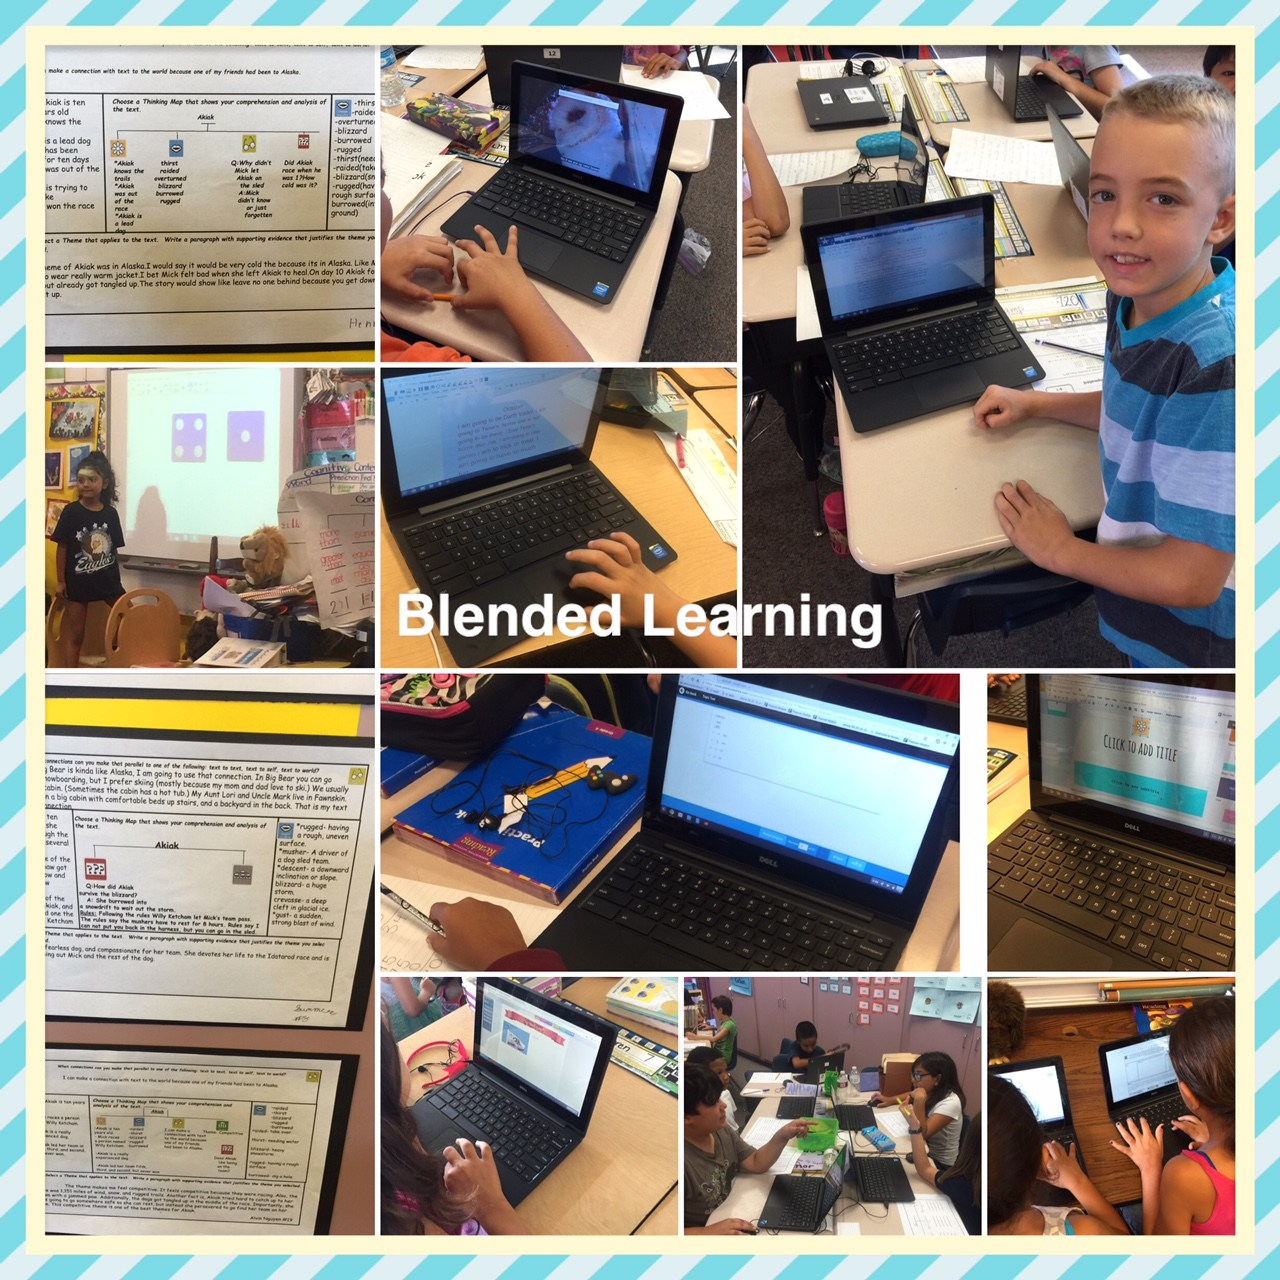 Students use purposeful technology.